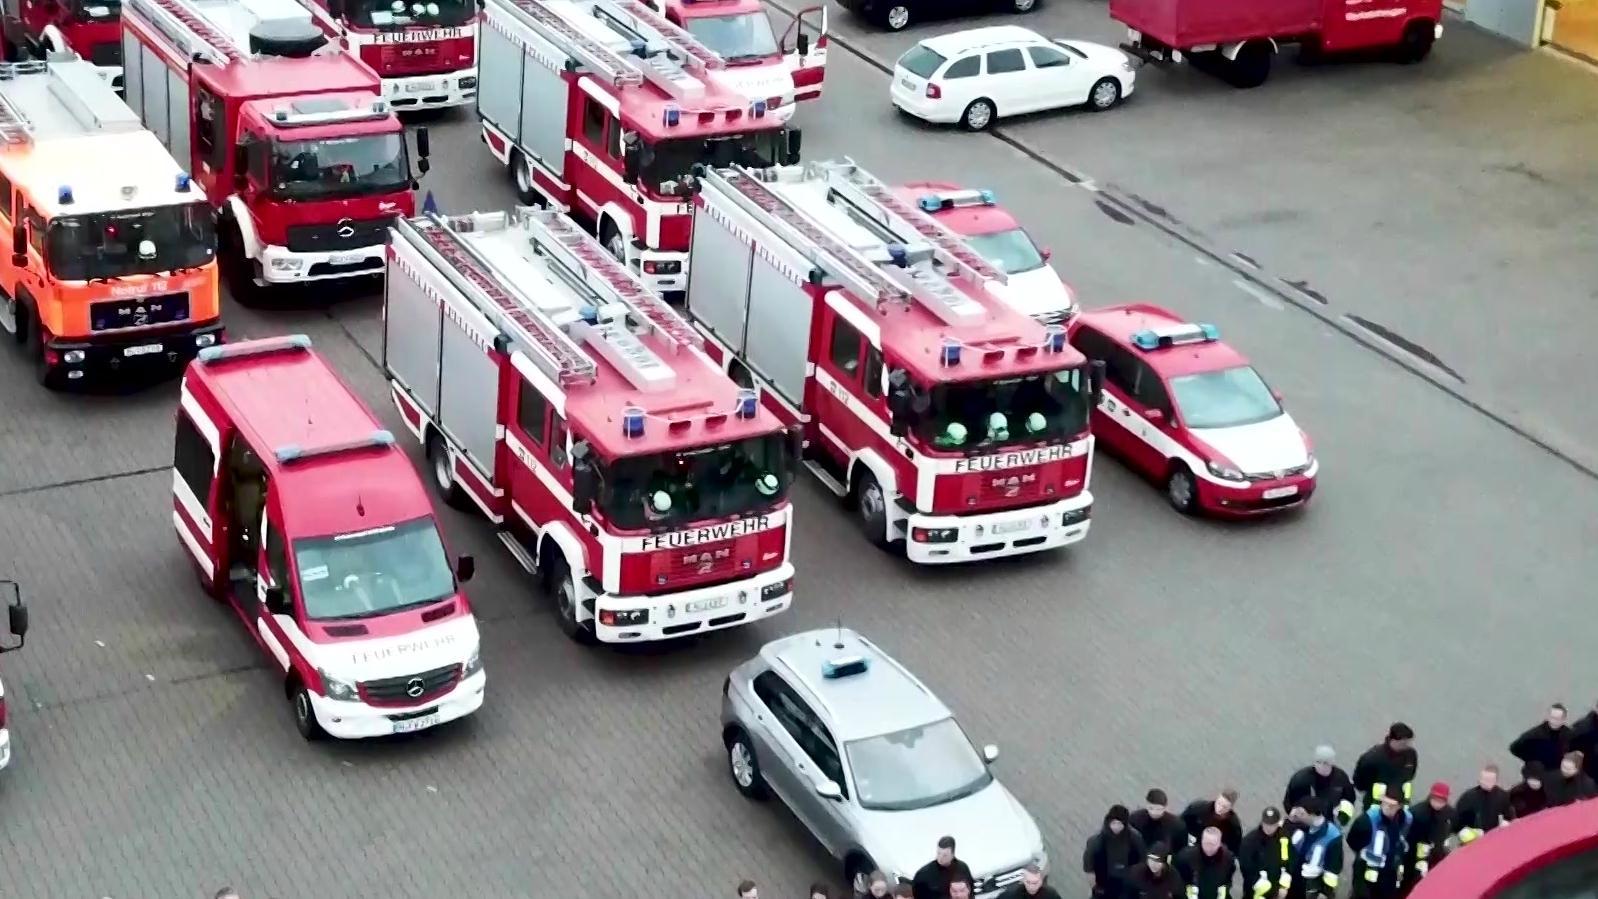 Die Fahrzeuge aufgereiht, mit denen die fränkischen Feuerwehrmänner nach Südbayern fahren.